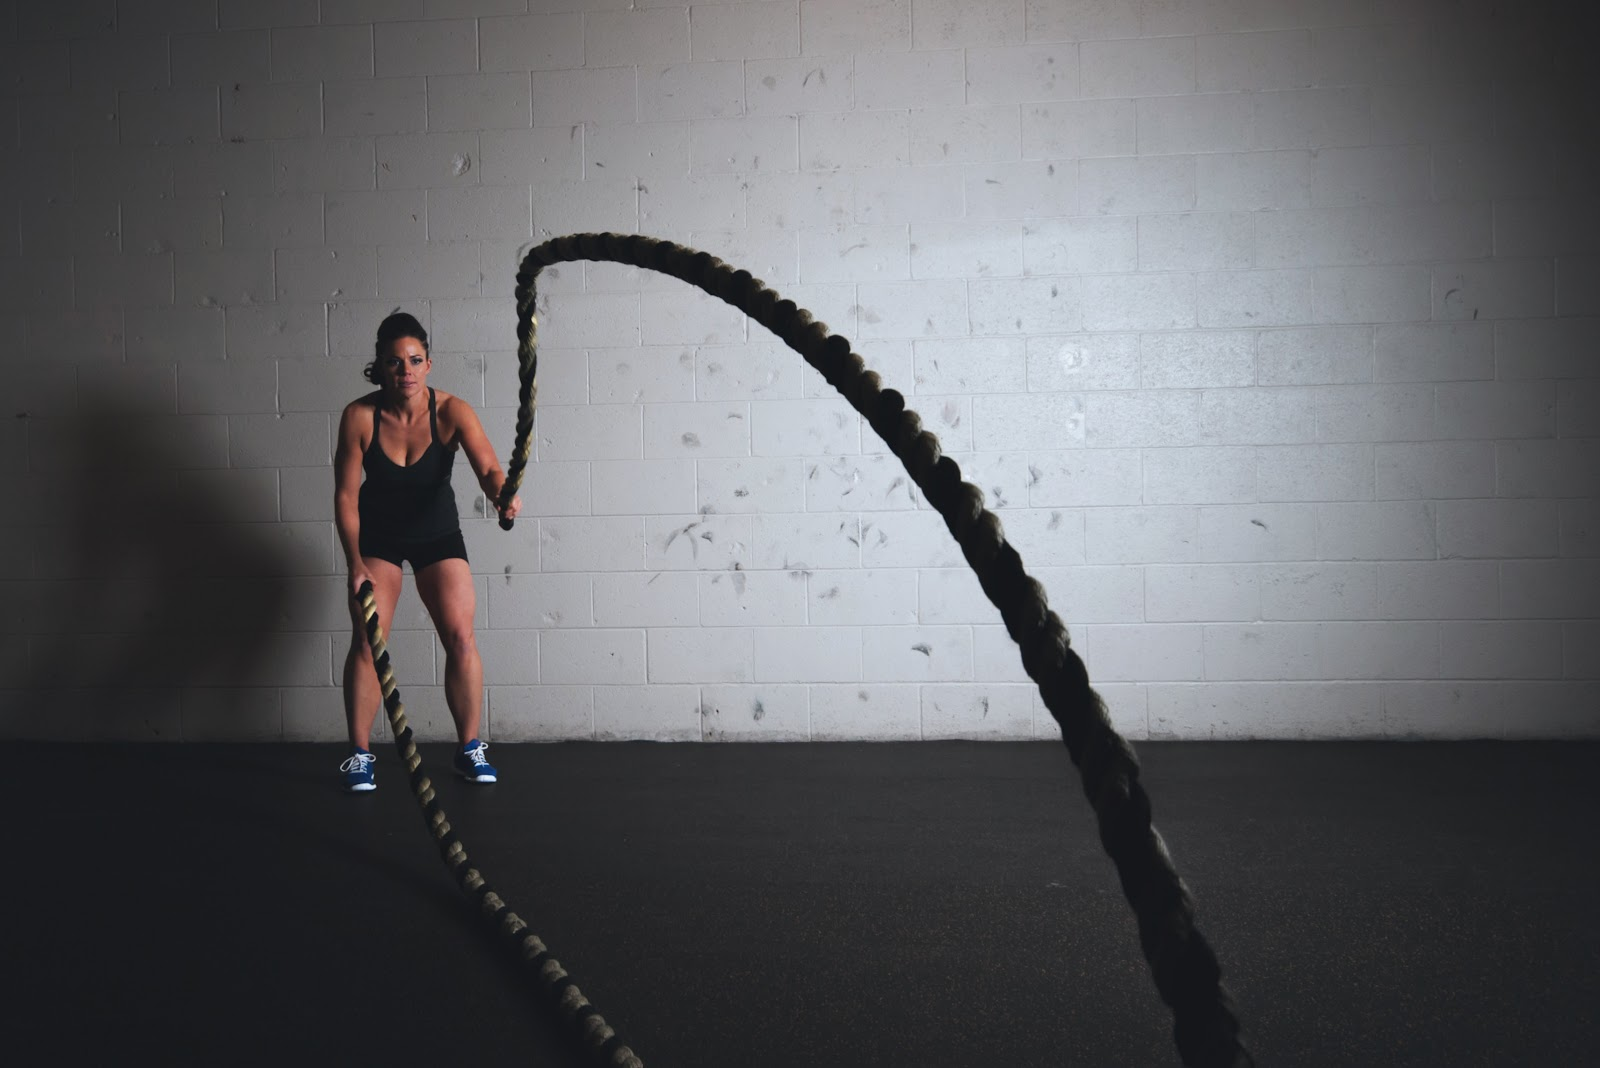 אישה מתאמנת על הנפת חבלים